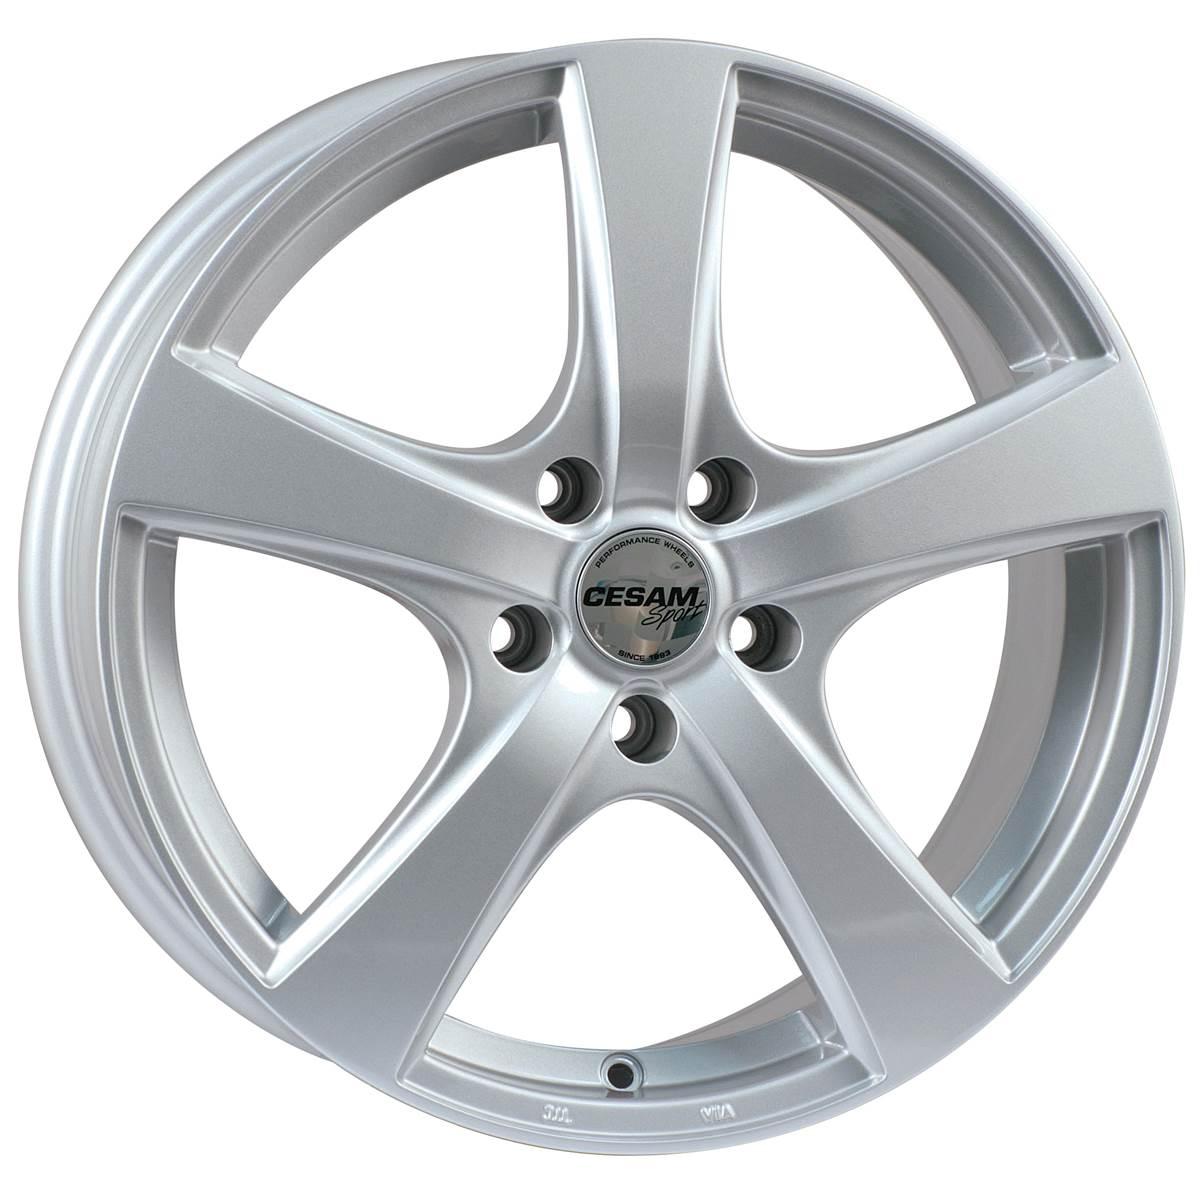 Jante CESAM Artik Silver 6,5x16 5x112ET38